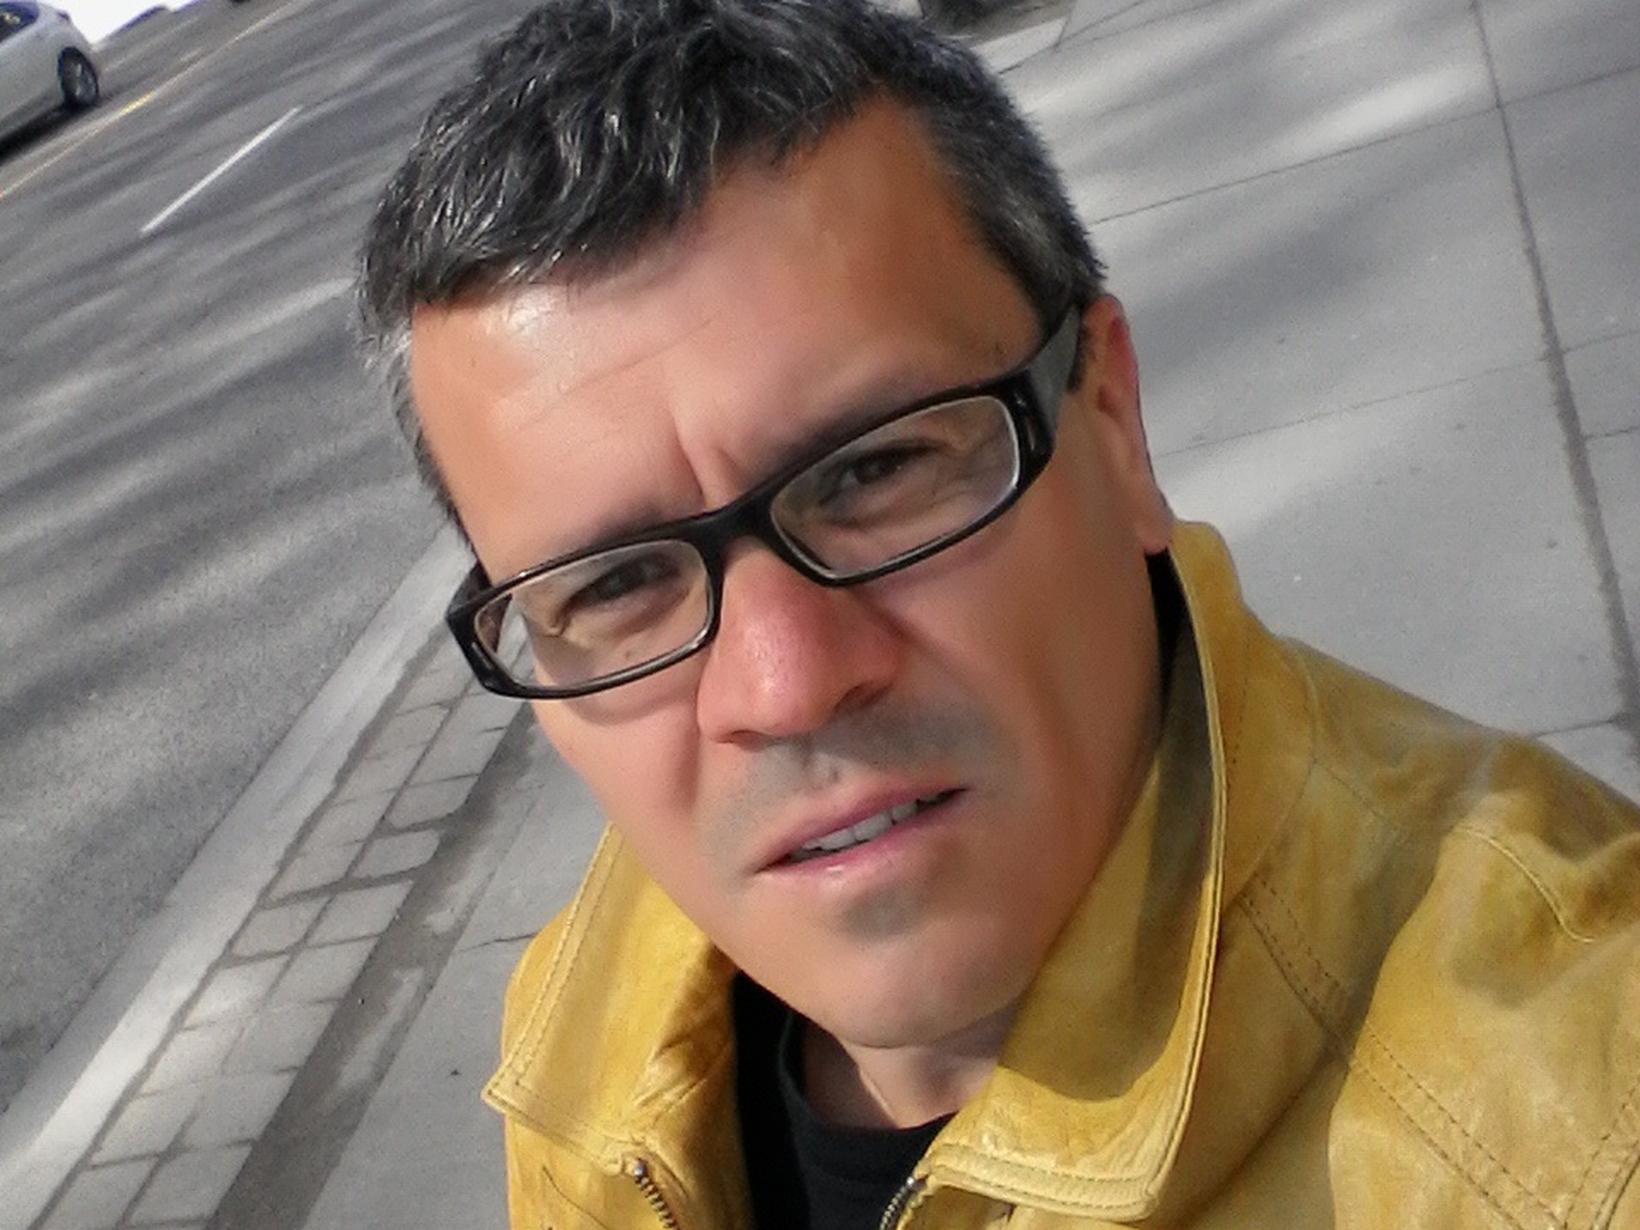 Dragan from Toronto, Ontario, Canada